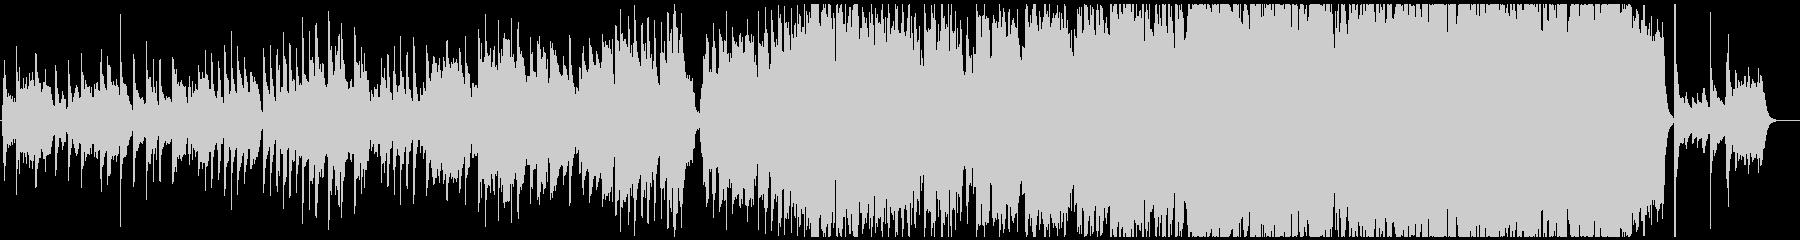 ヴァイオリン主体の切ない系バラードの未再生の波形